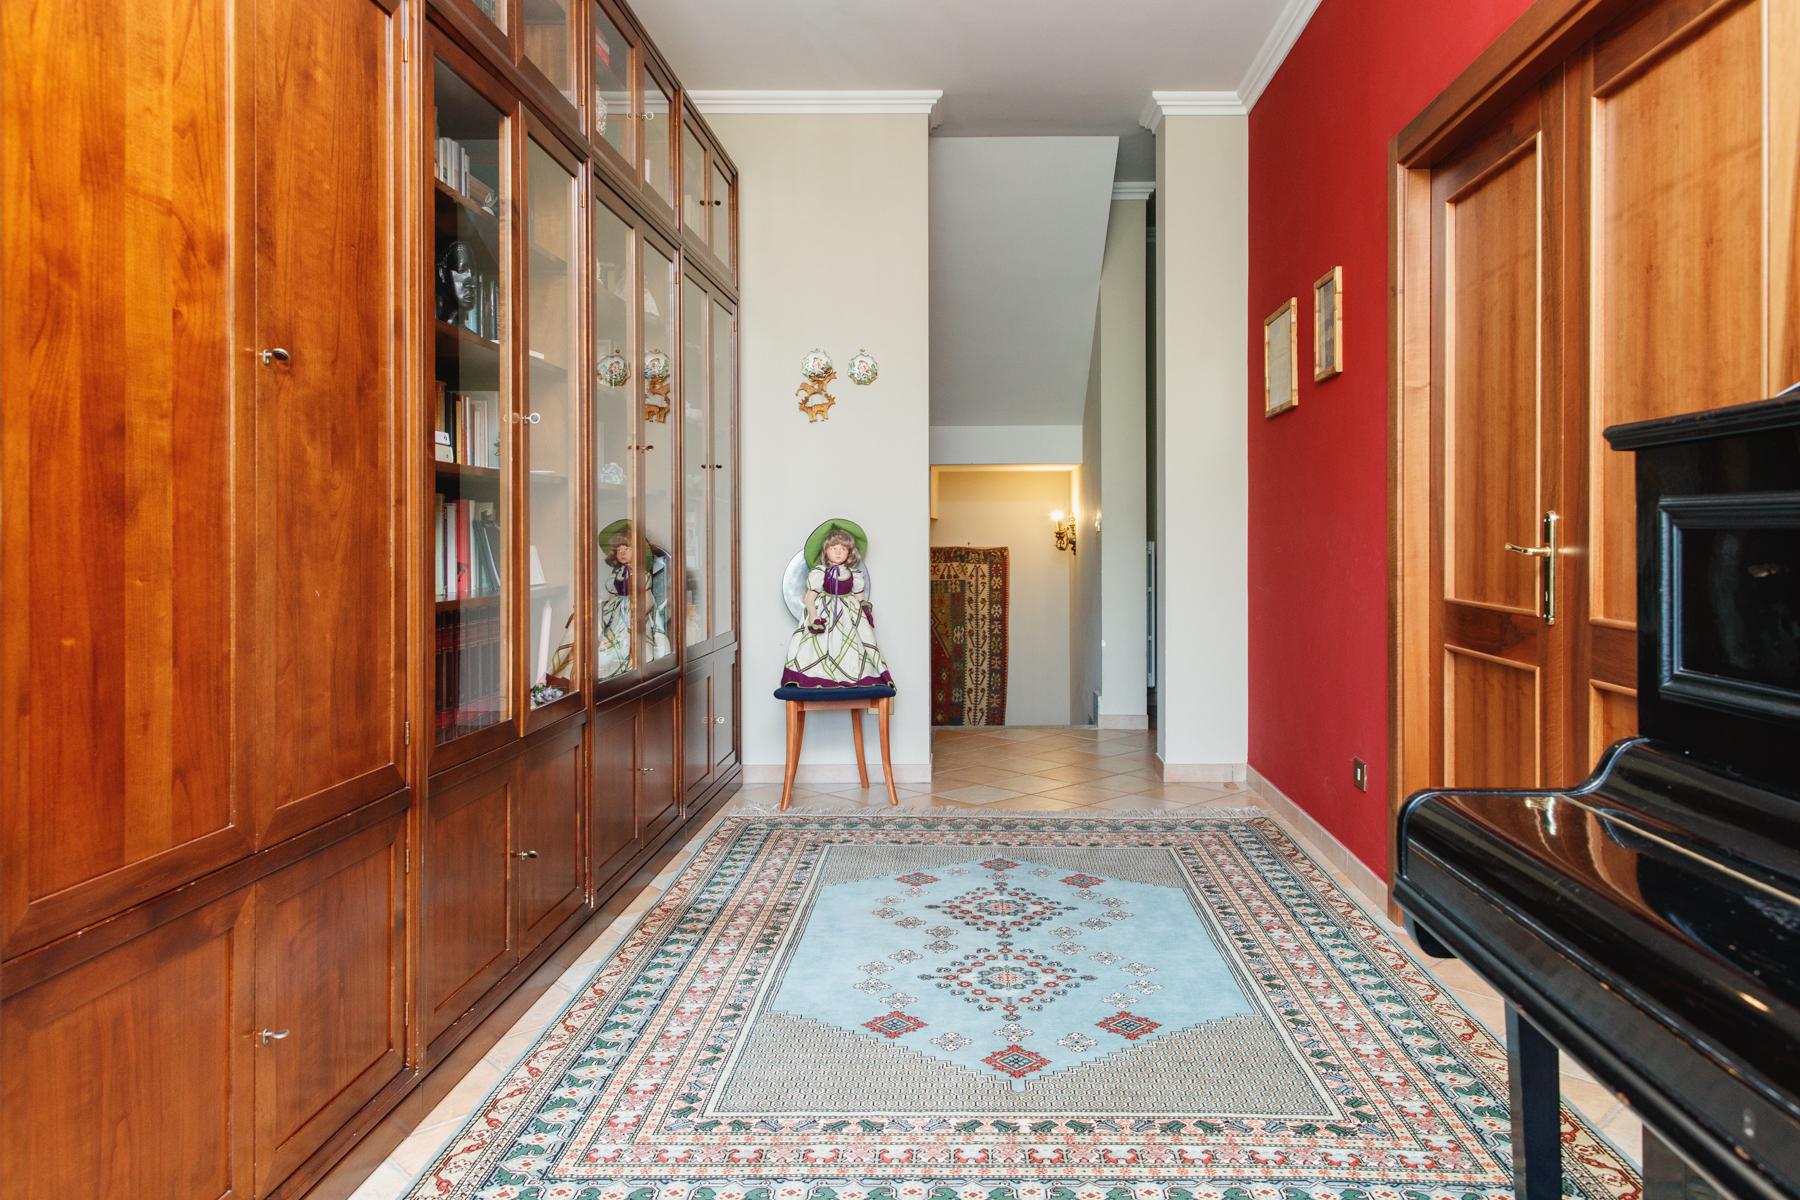 Casa indipendente in Vendita a Moncalieri: 5 locali, 370 mq - Foto 9